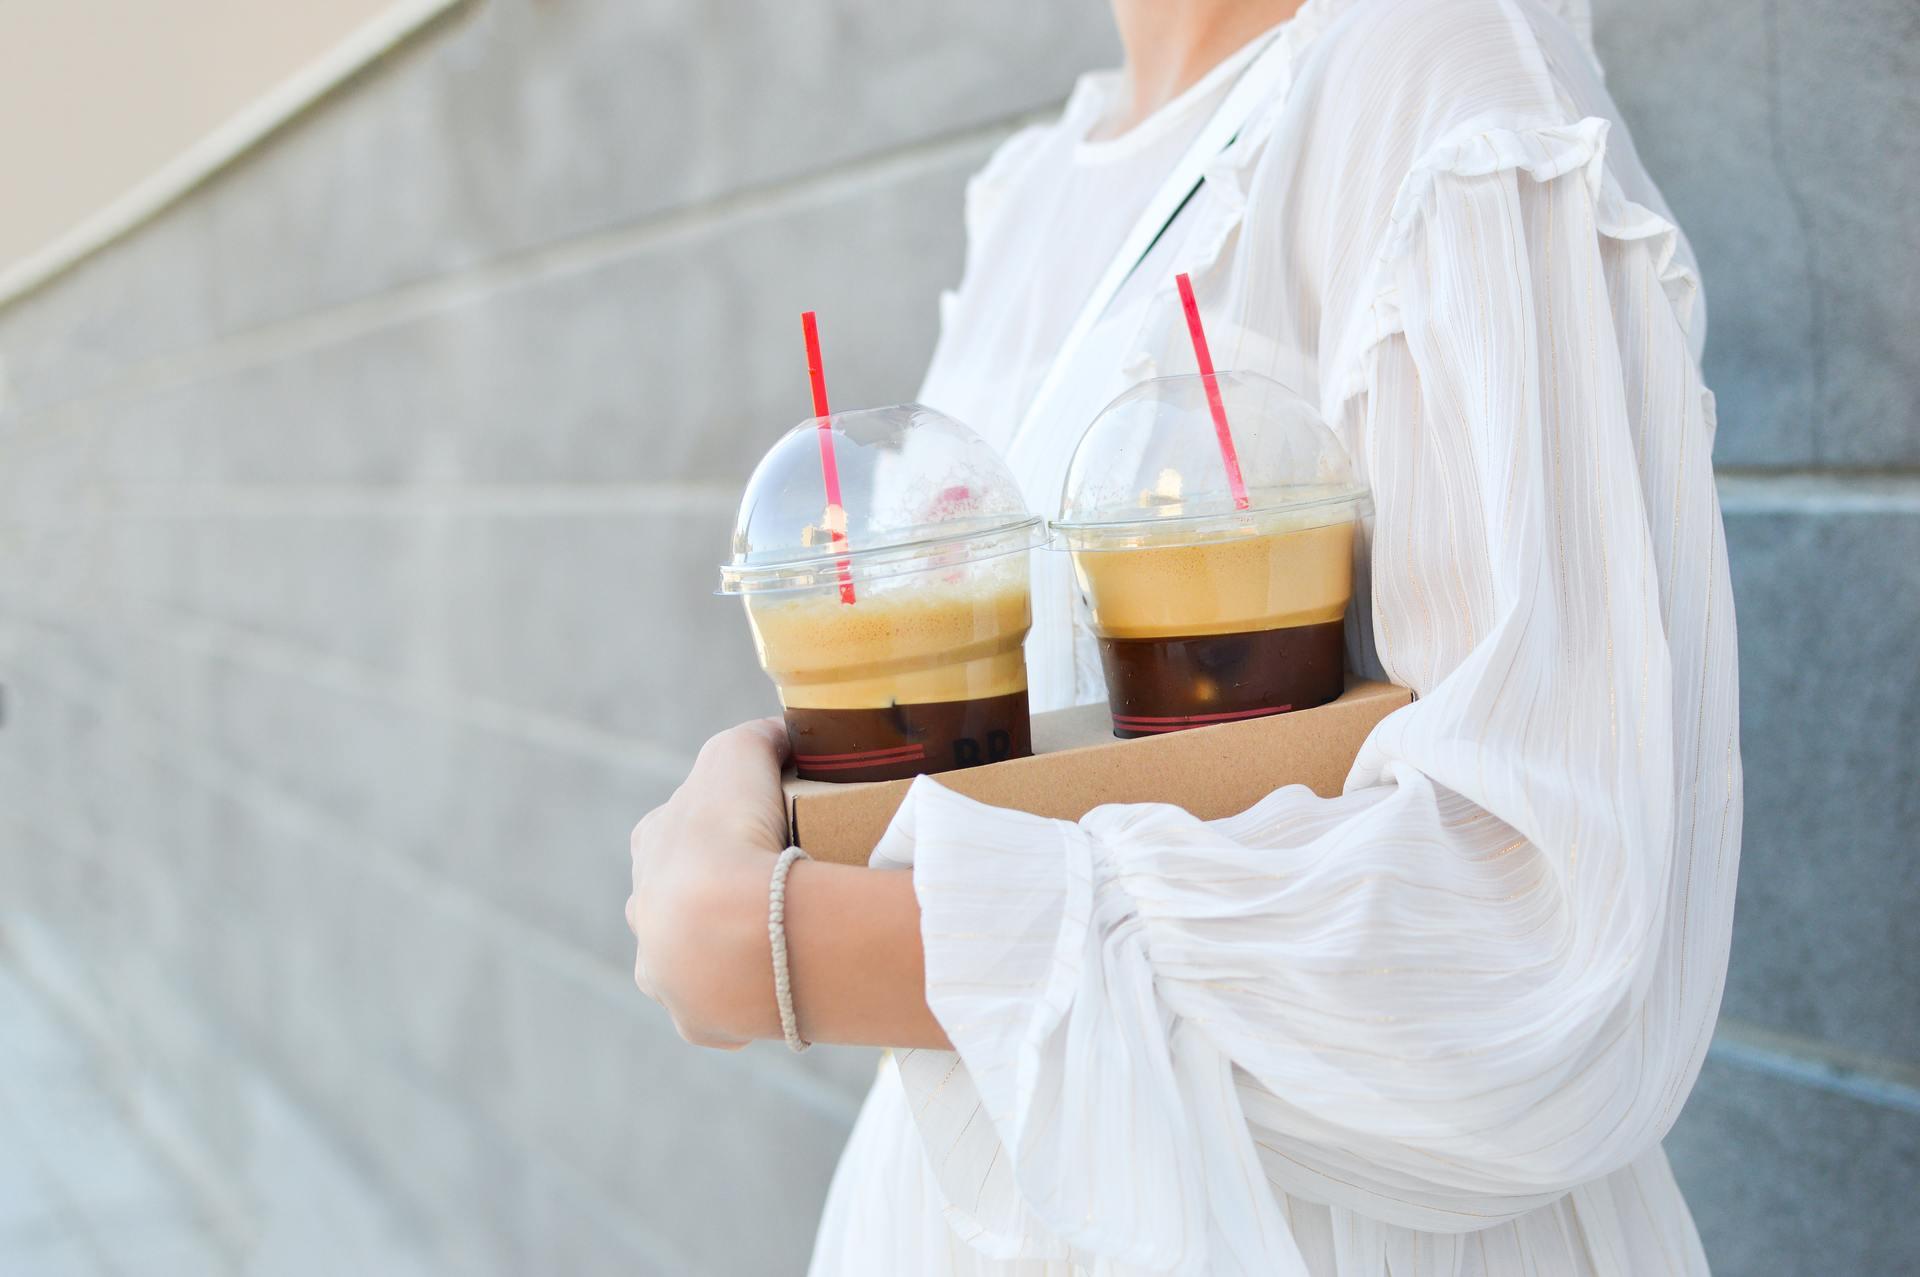 Кофе по утрам, перед работой и во время обеда стал привычкой